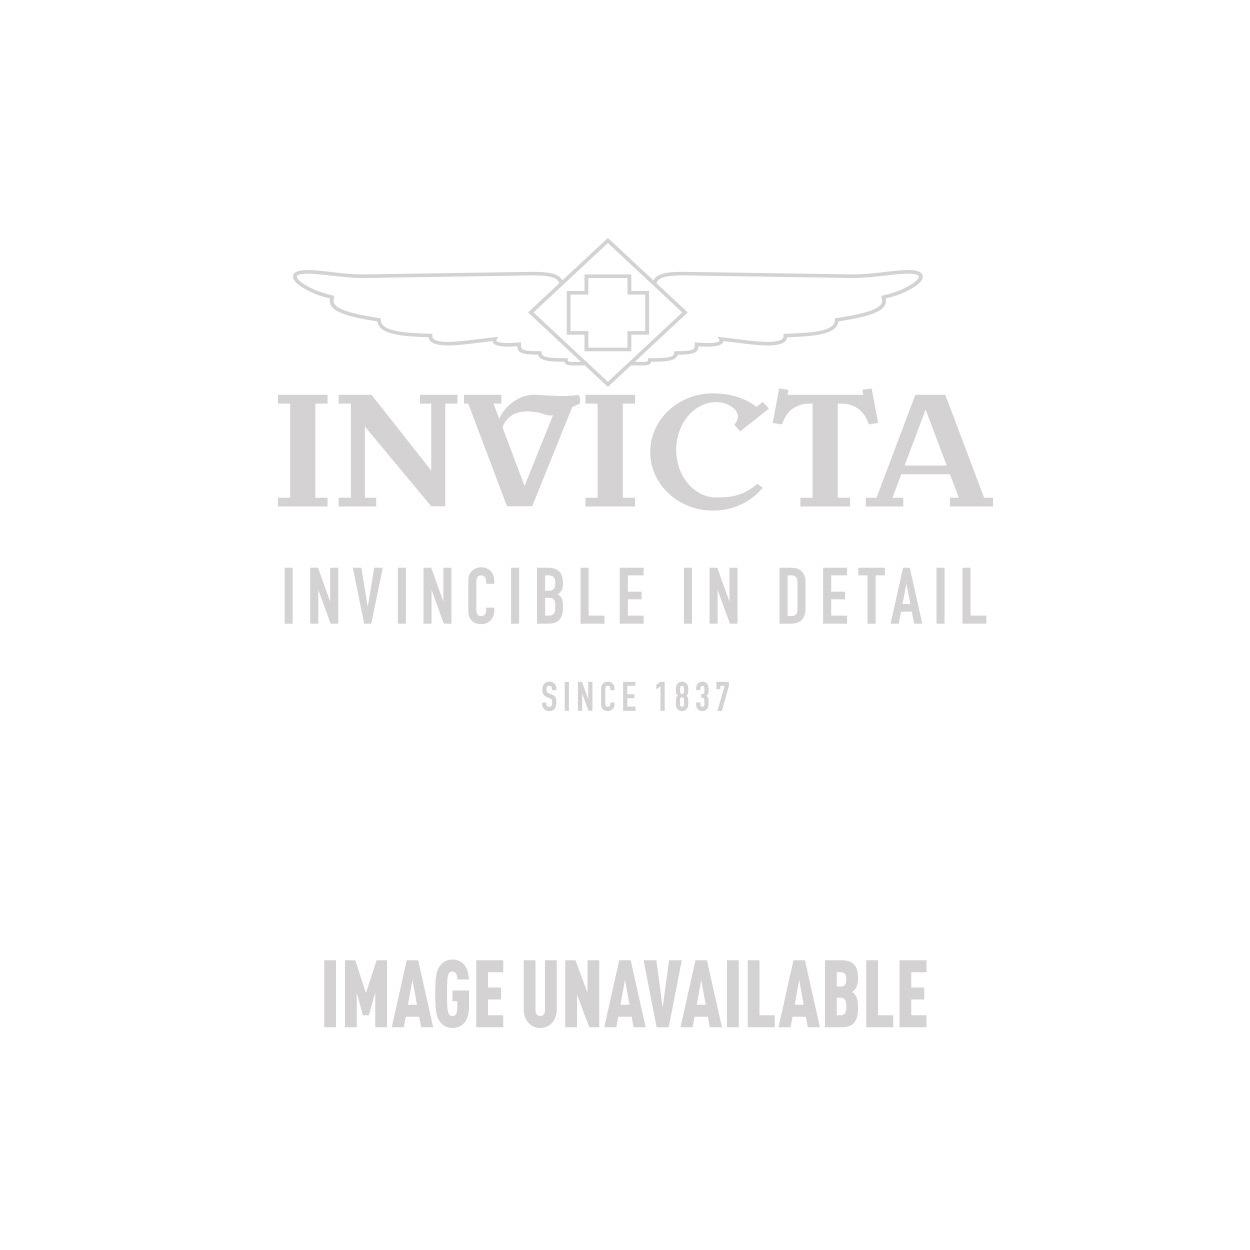 Invicta Model 27275